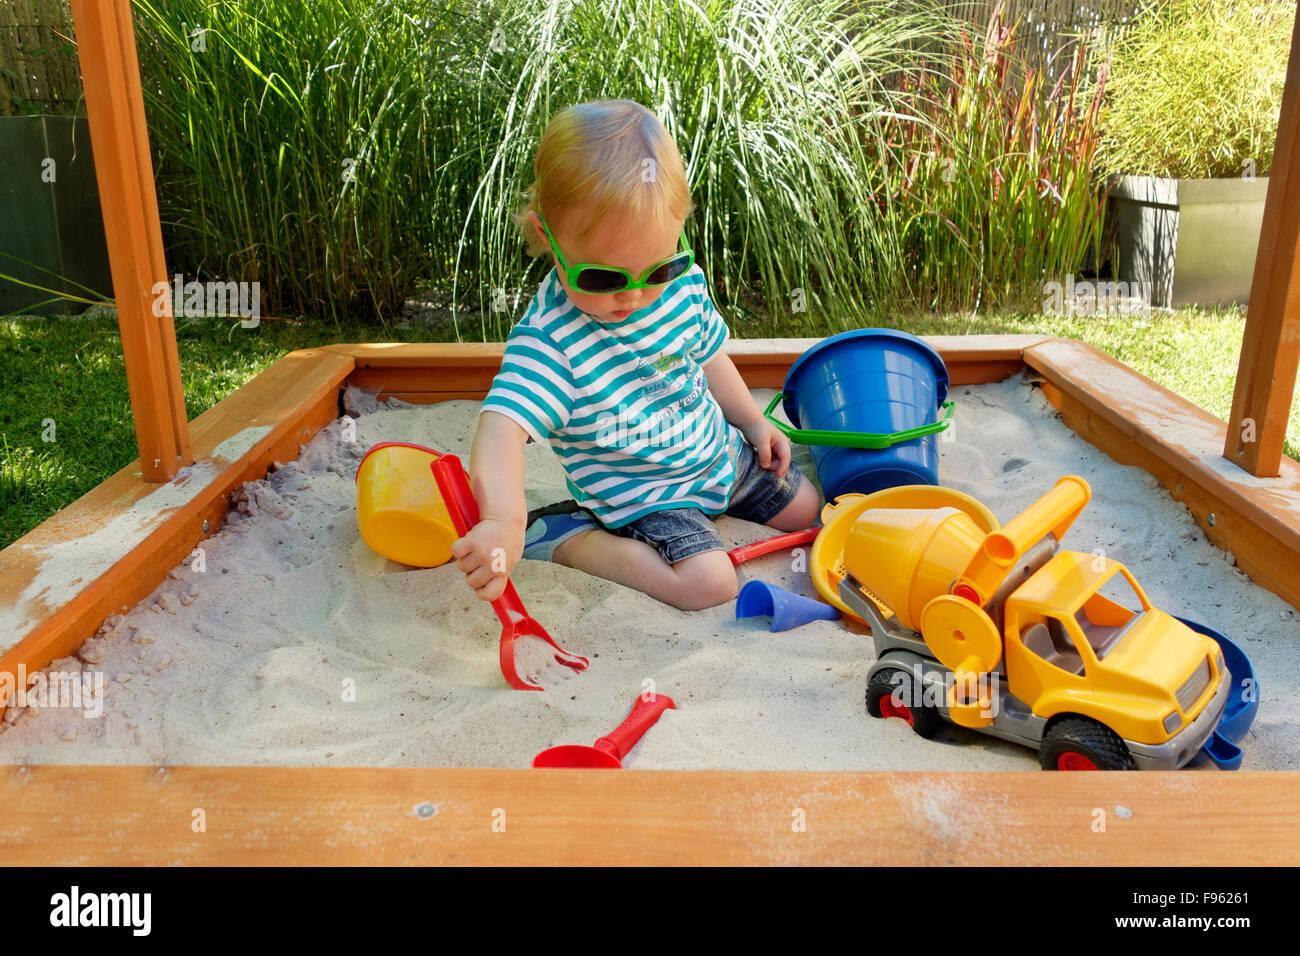 Toddler, girl playing in sandbox, Germany - Stock Image